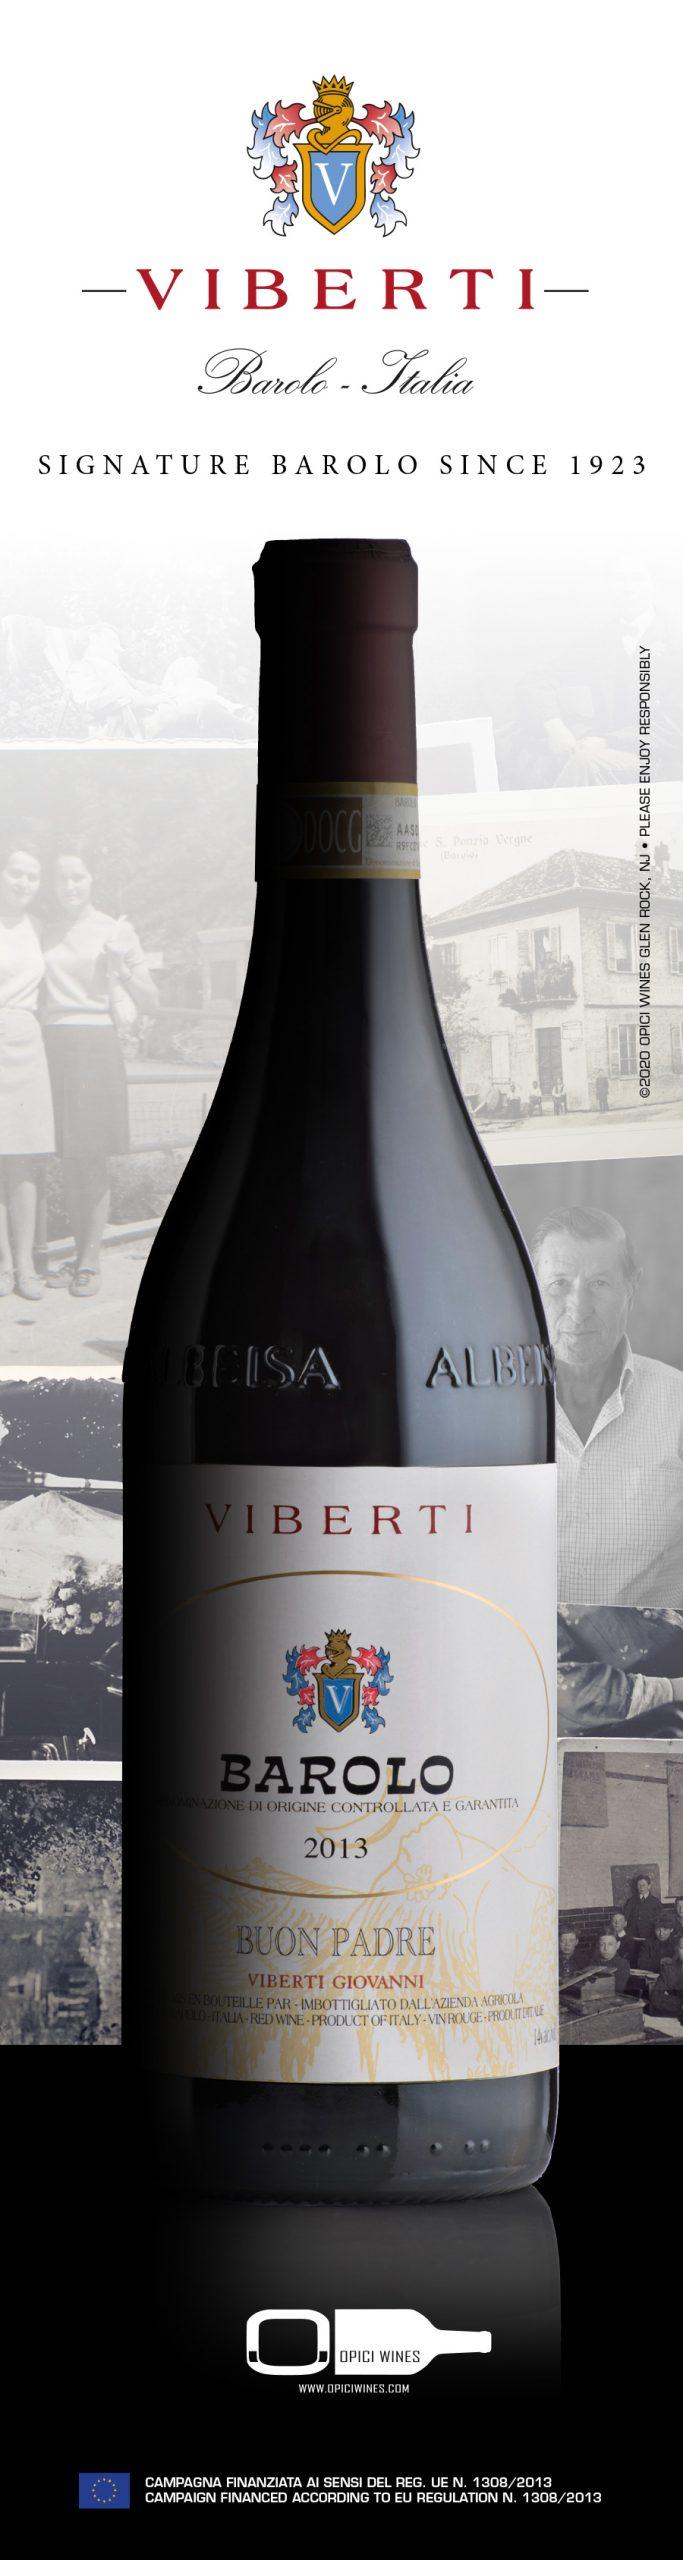 Viberti-ADV-WS